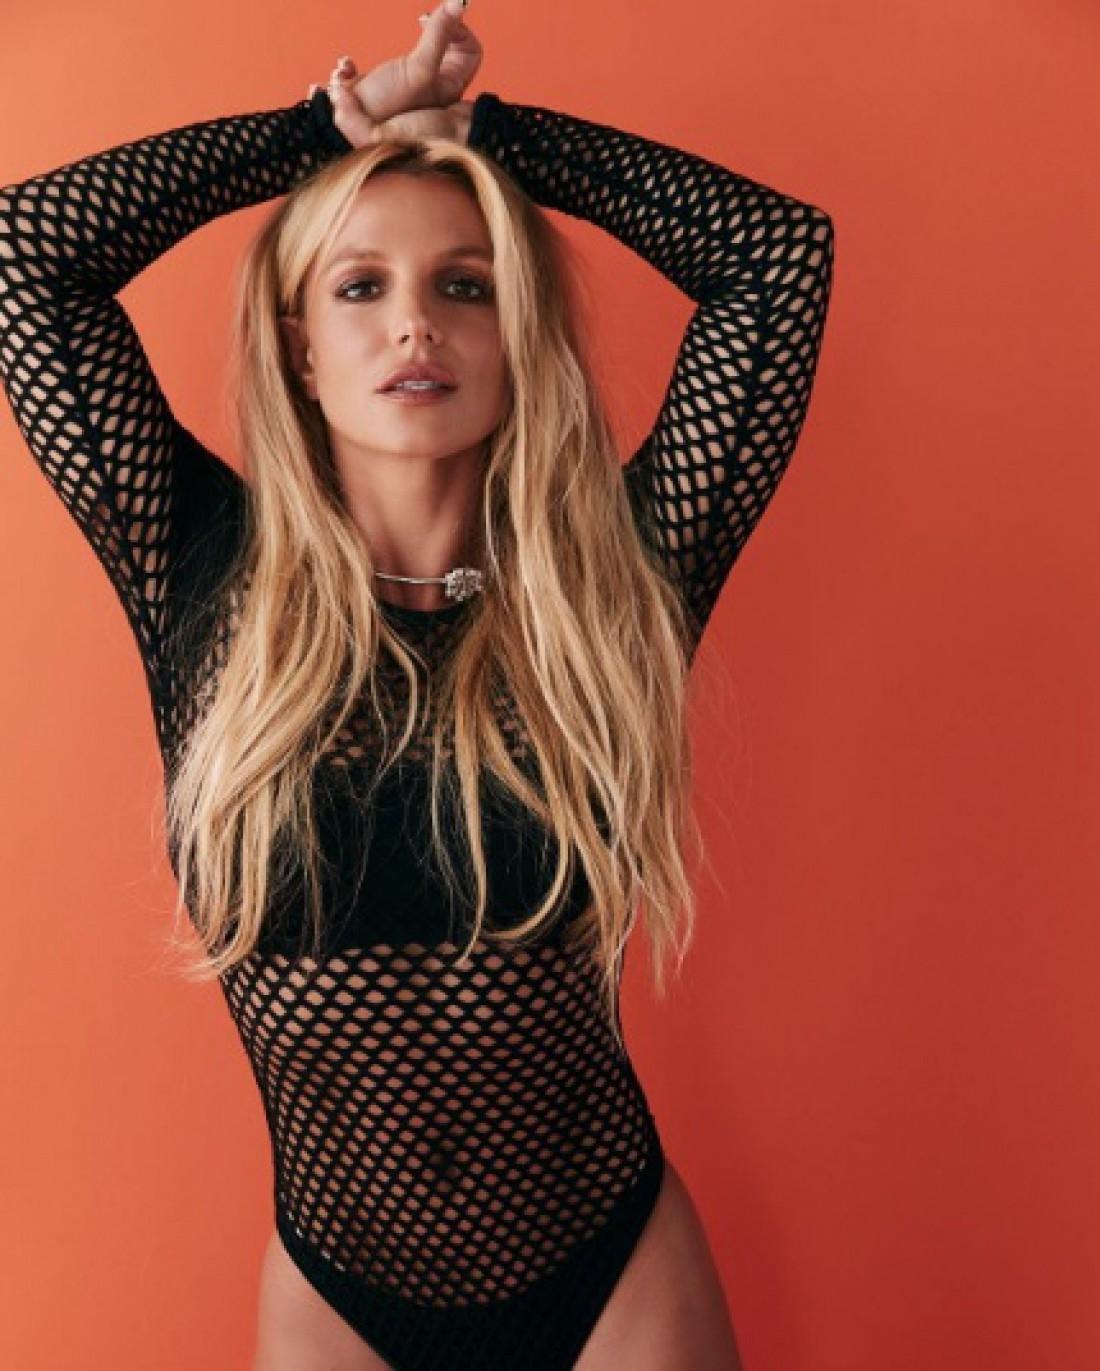 Бритни Спирс избила домработницу: что известно о новом скандале с поп-звездой - фото №1